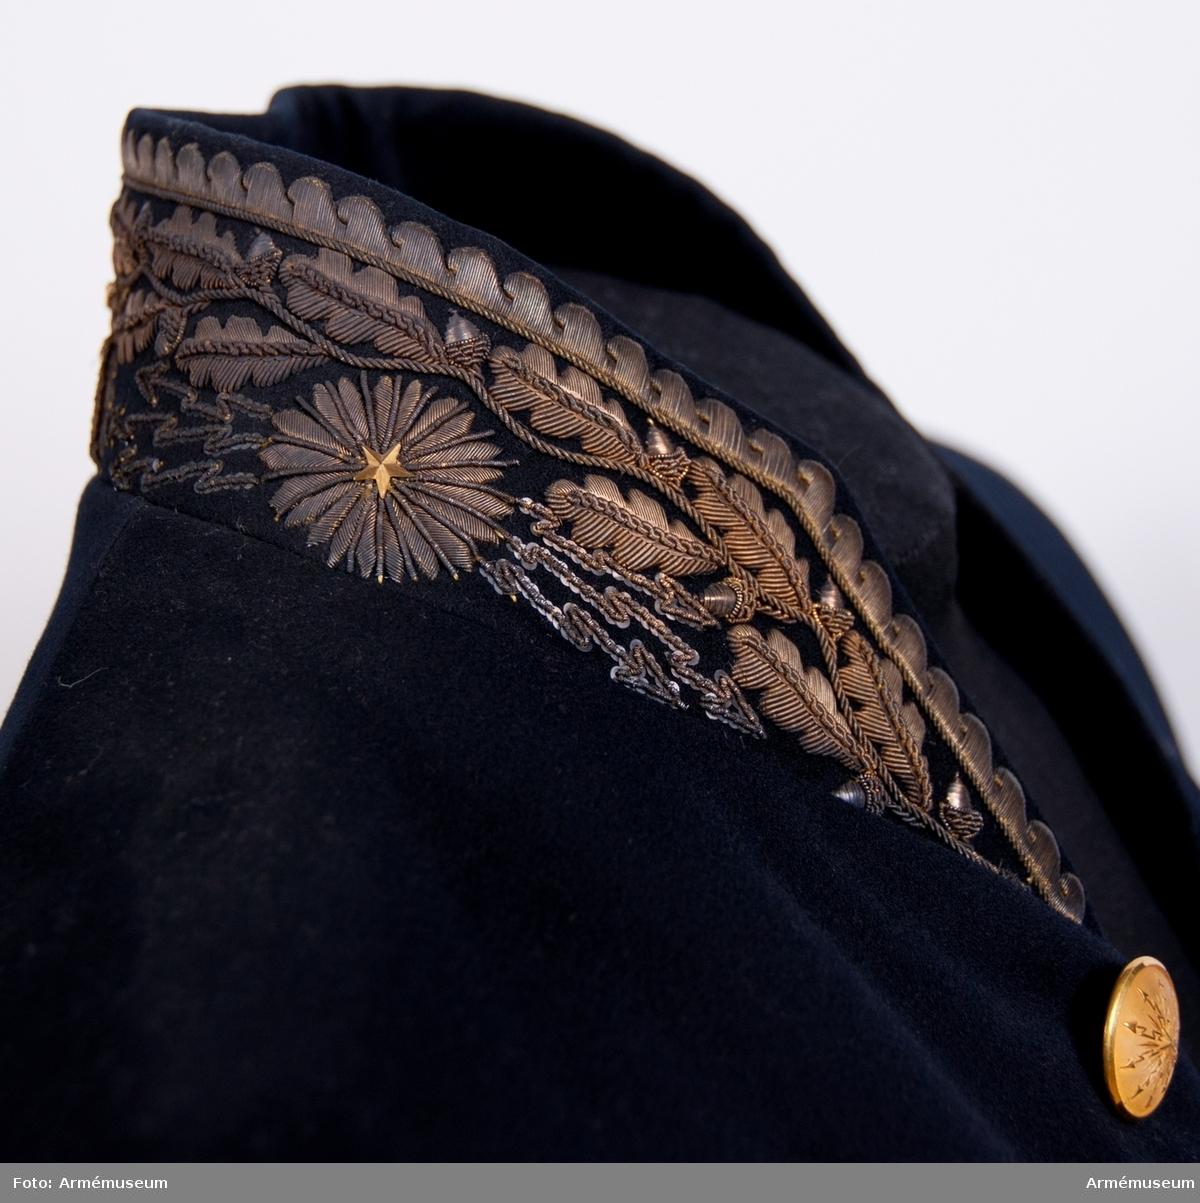 Grupp C I. Enligt generalorder 20/1 1823. Ur uniform för fortifikationskassör, bestående av frack,  långbyxor, väst, trekantig hatt.